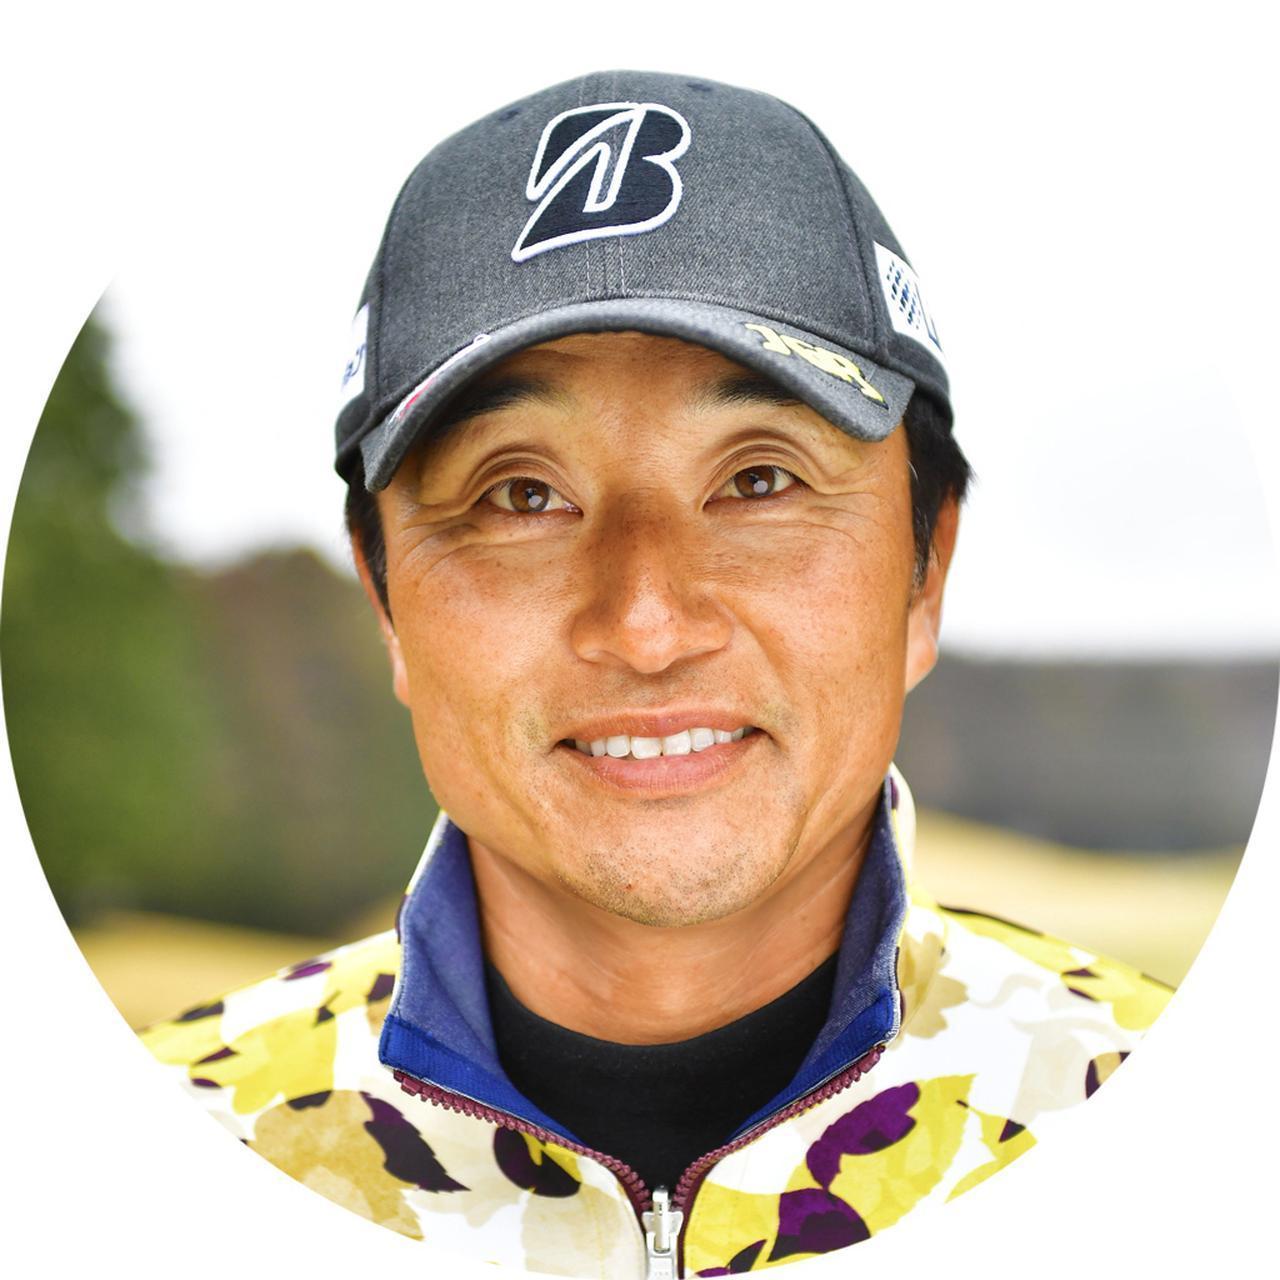 画像: 【解説/宮本勝昌】 ツアー11勝の46歳。精度の高いフェードボールで飛ばすドライバー名手。40代でツアーで活躍する数少ないベテラン実力派